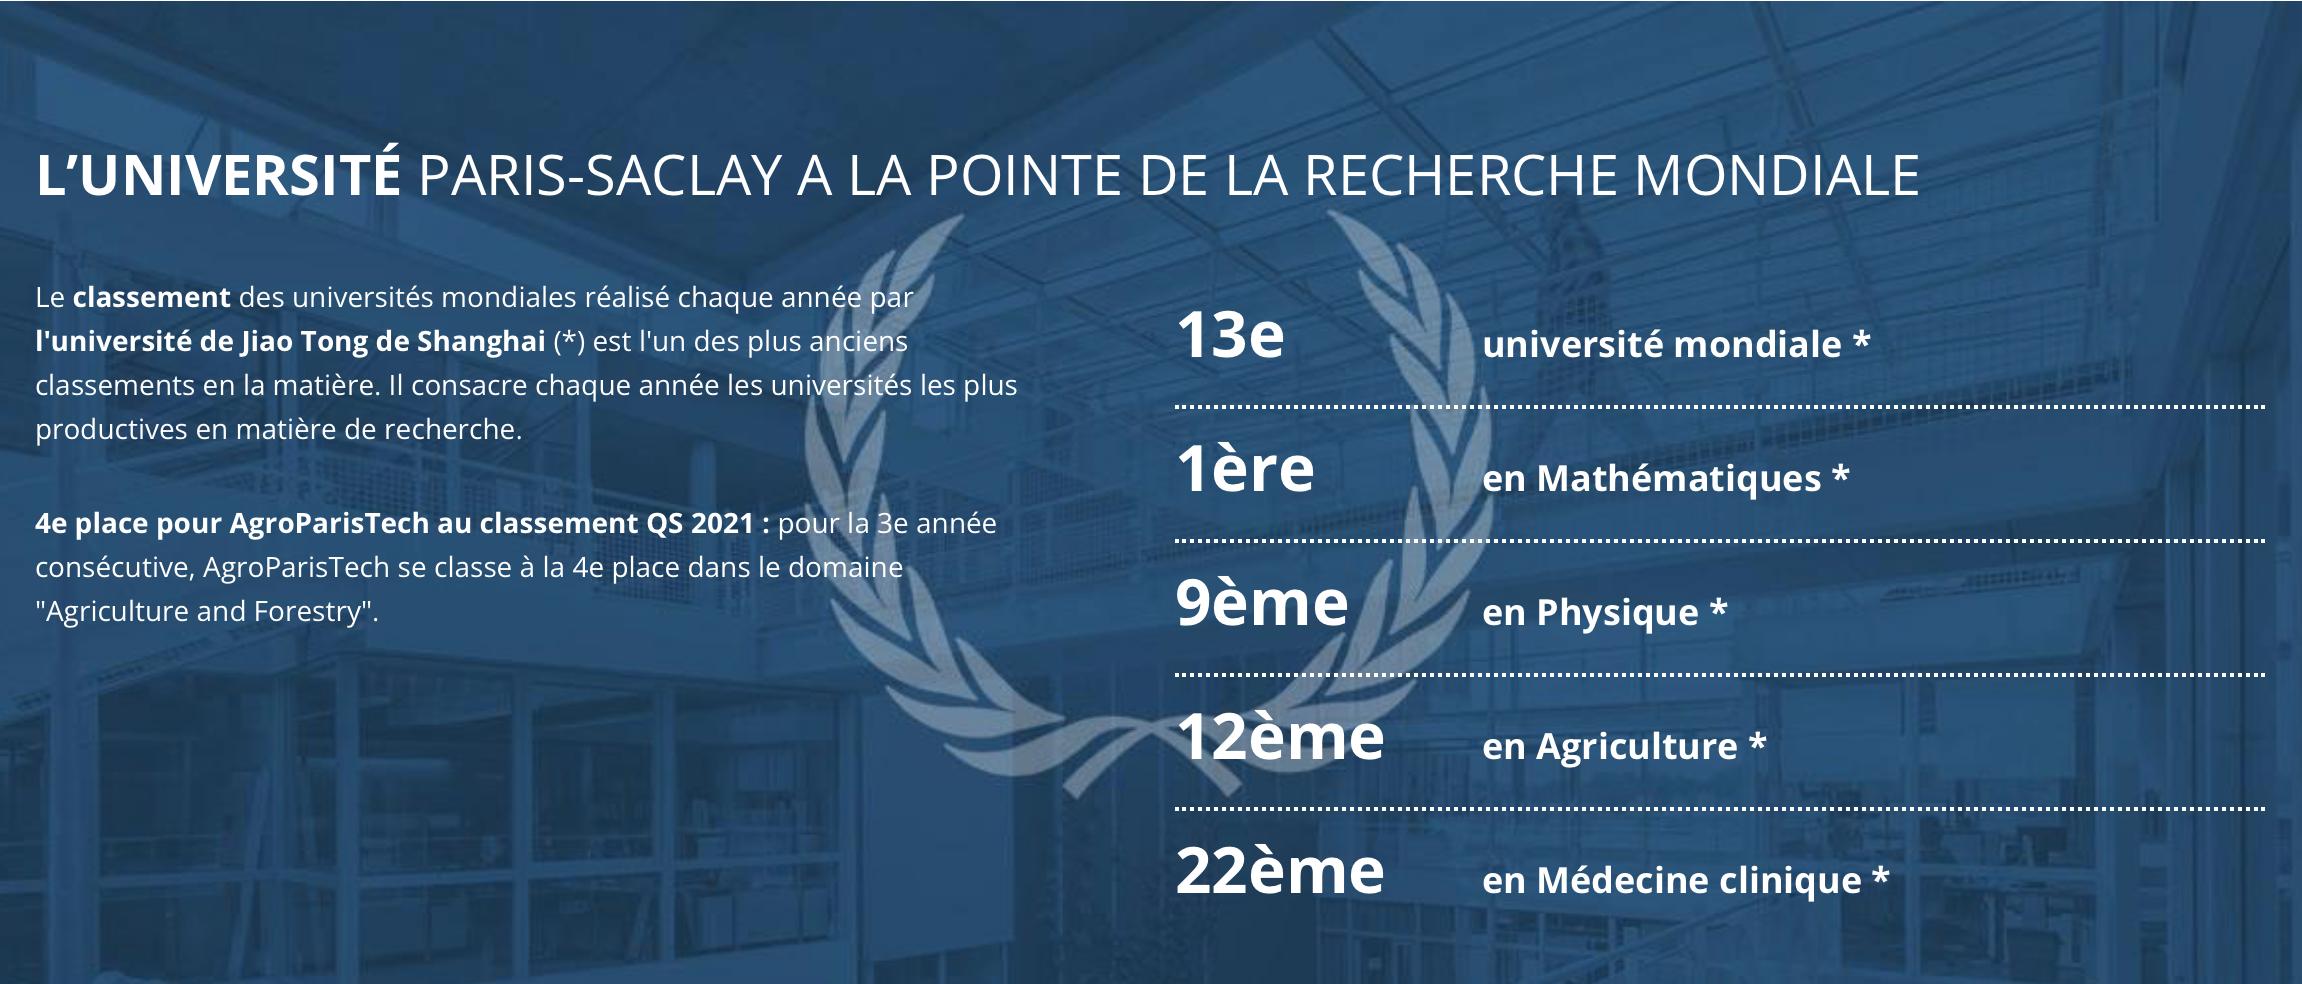 chiffres clés université paris saclay